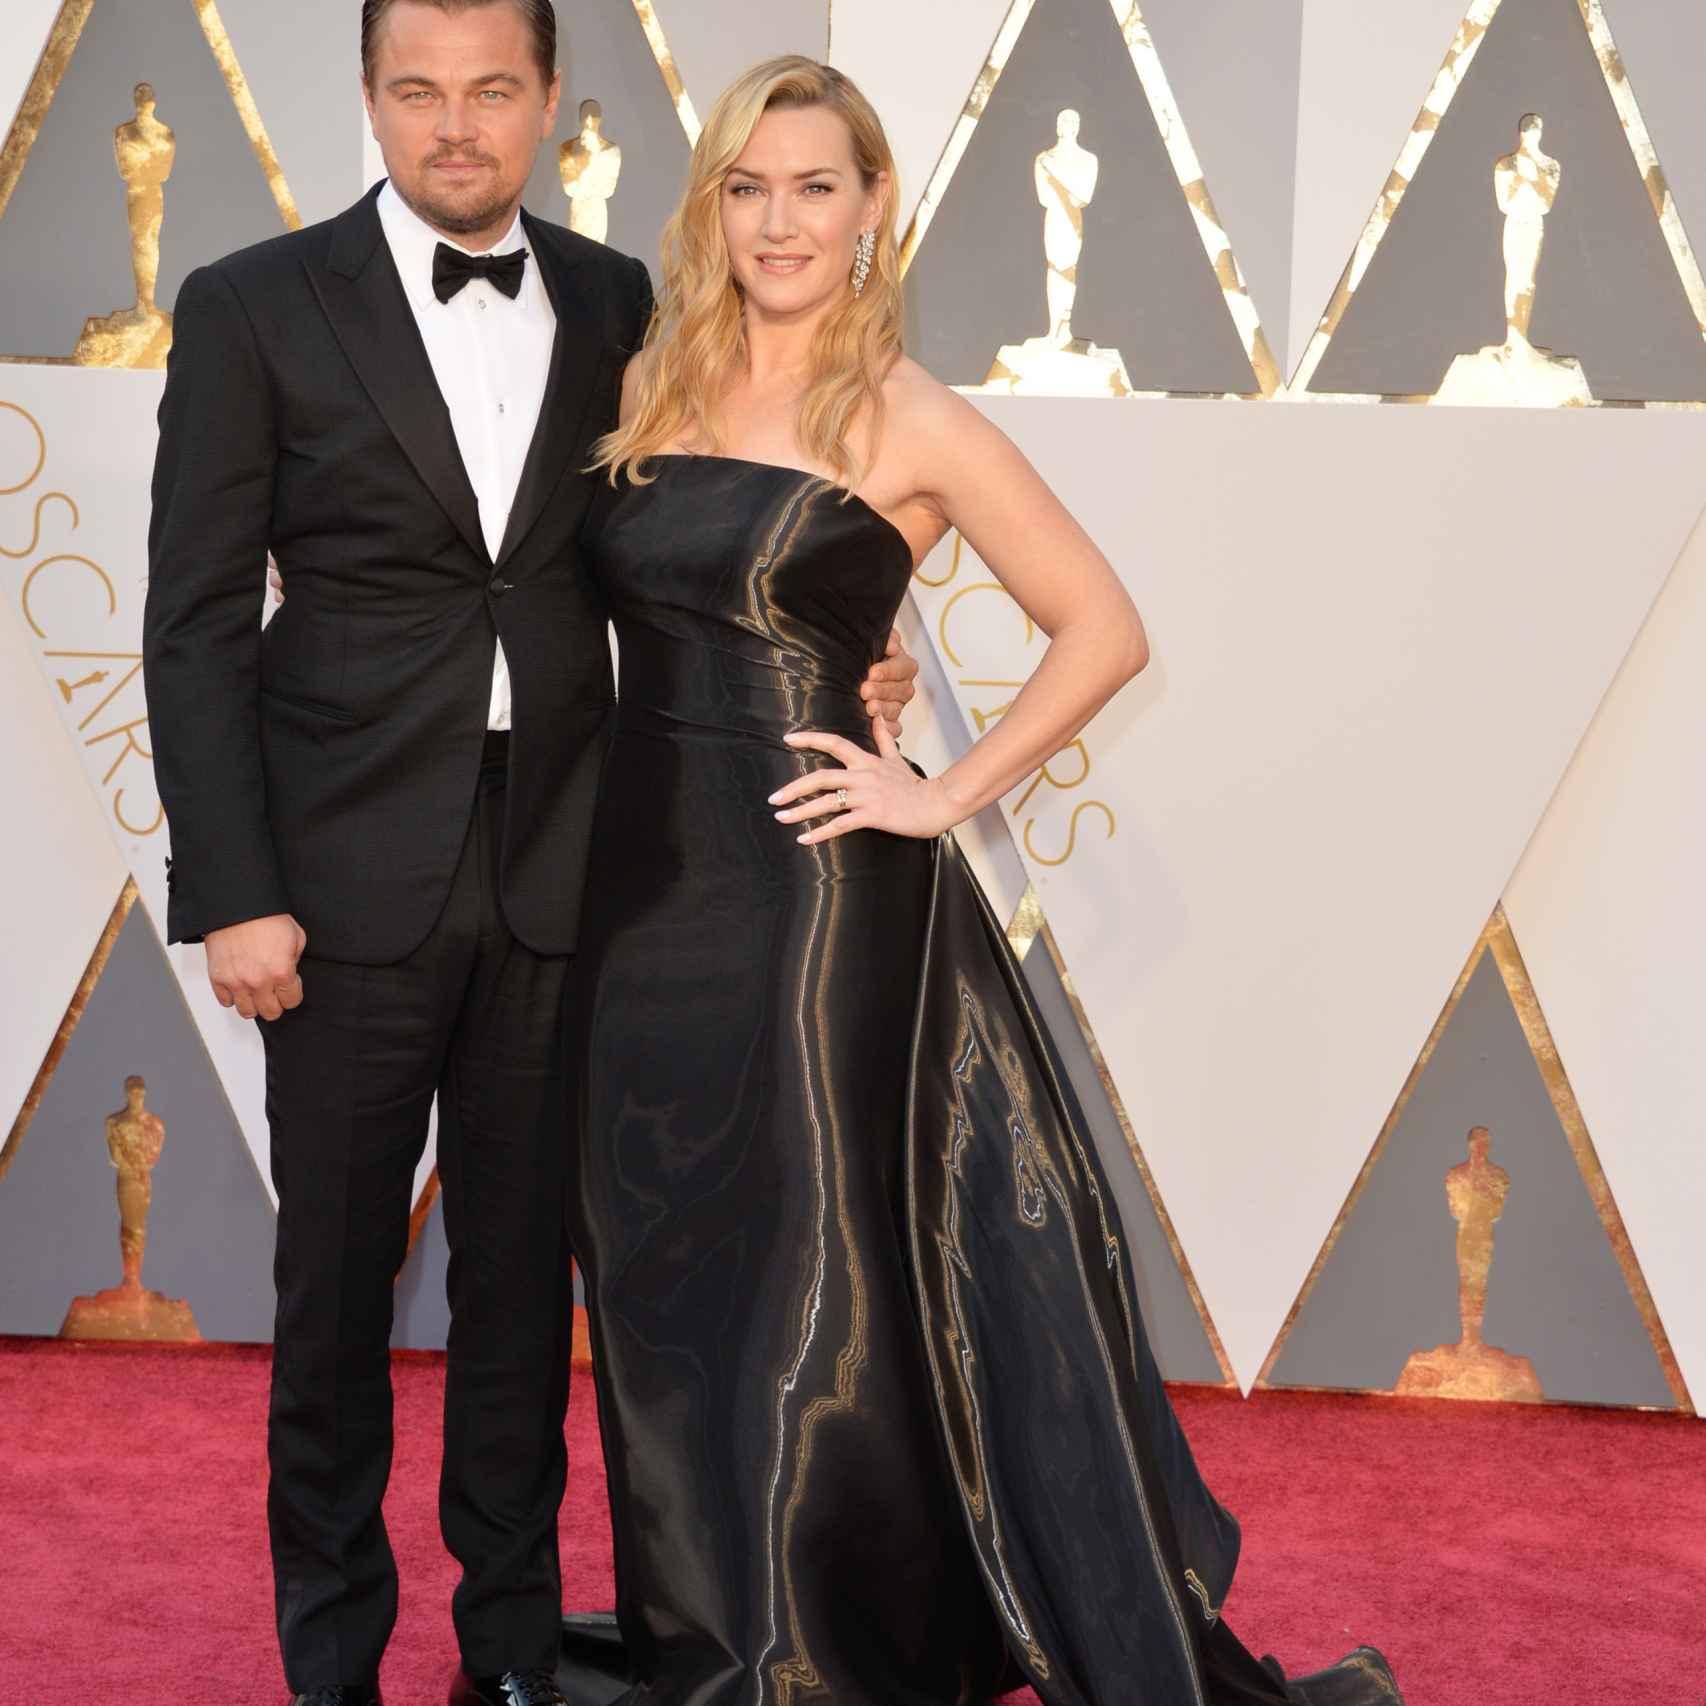 Leonardo Dicaprio y Kate Winslet demasiado clásicos para una noche tan especial